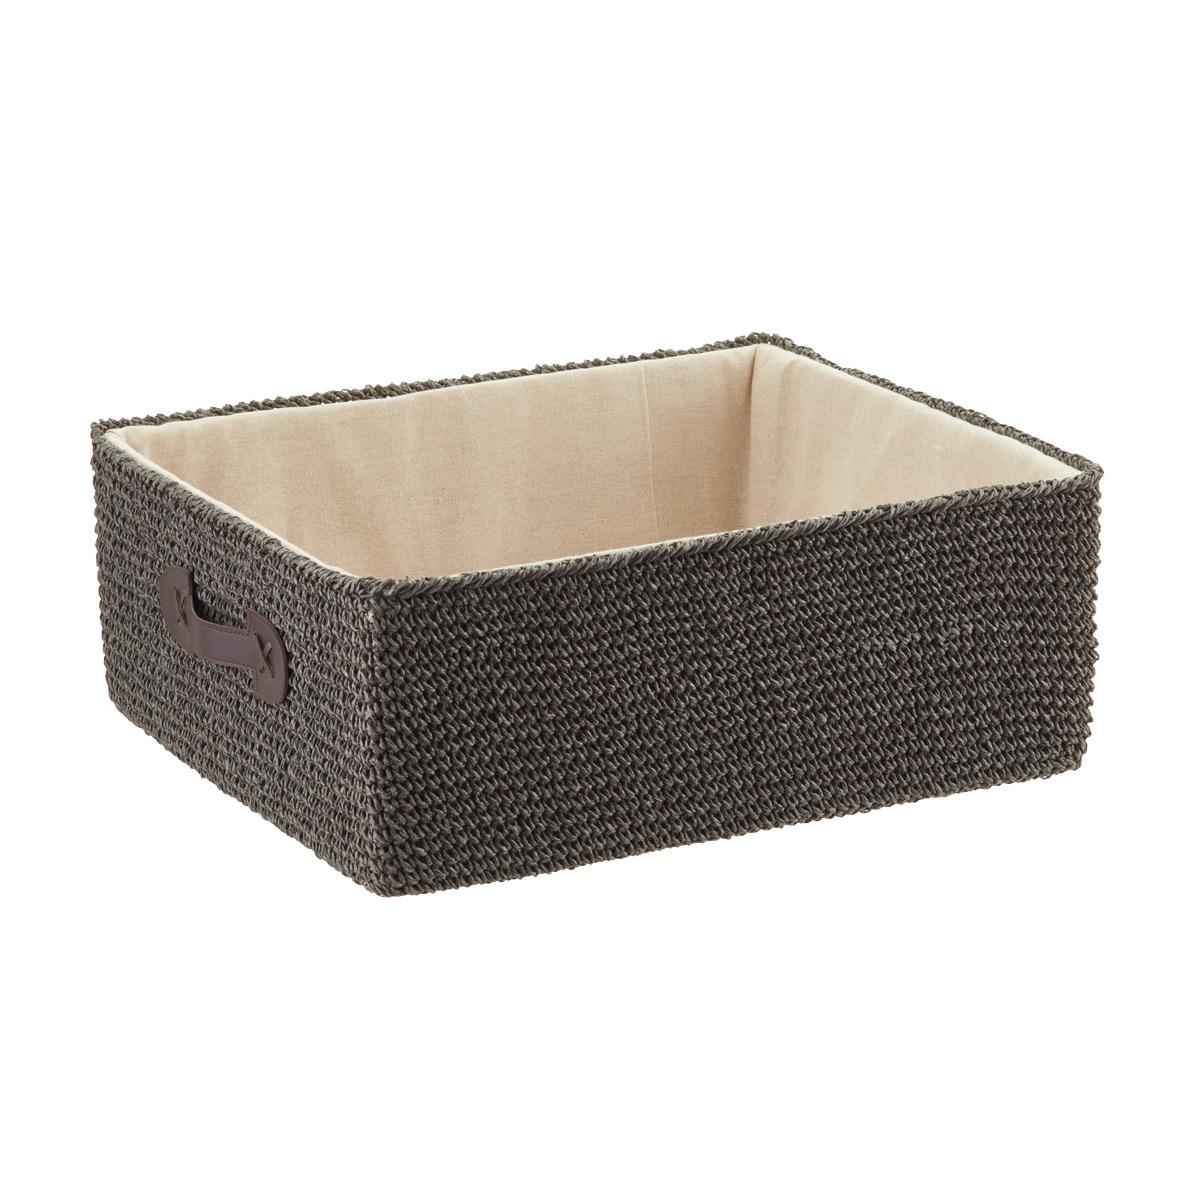 Crochet Storage Bin